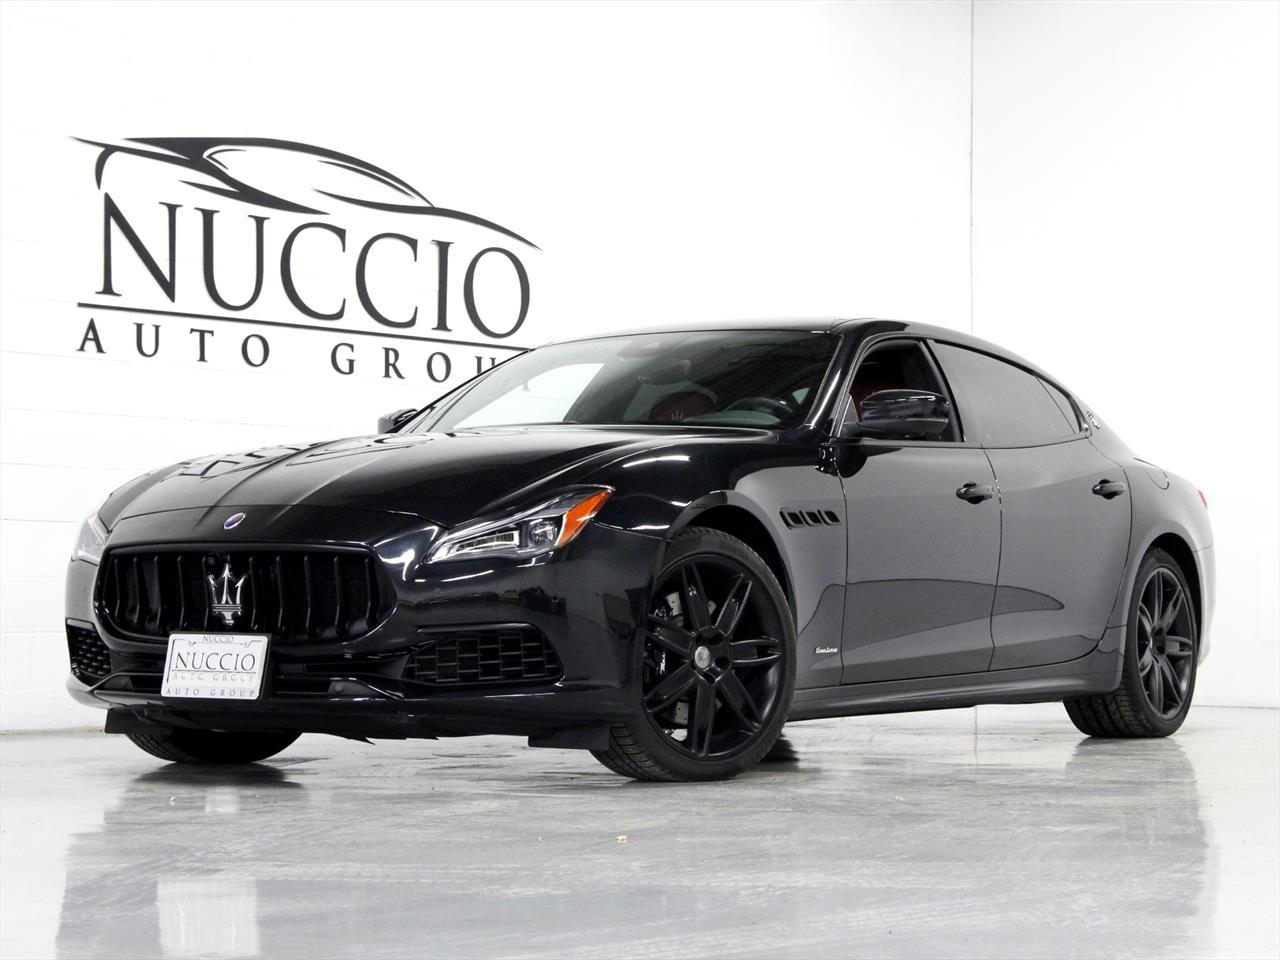 2018 Maserati Quattroporte S Granlusso